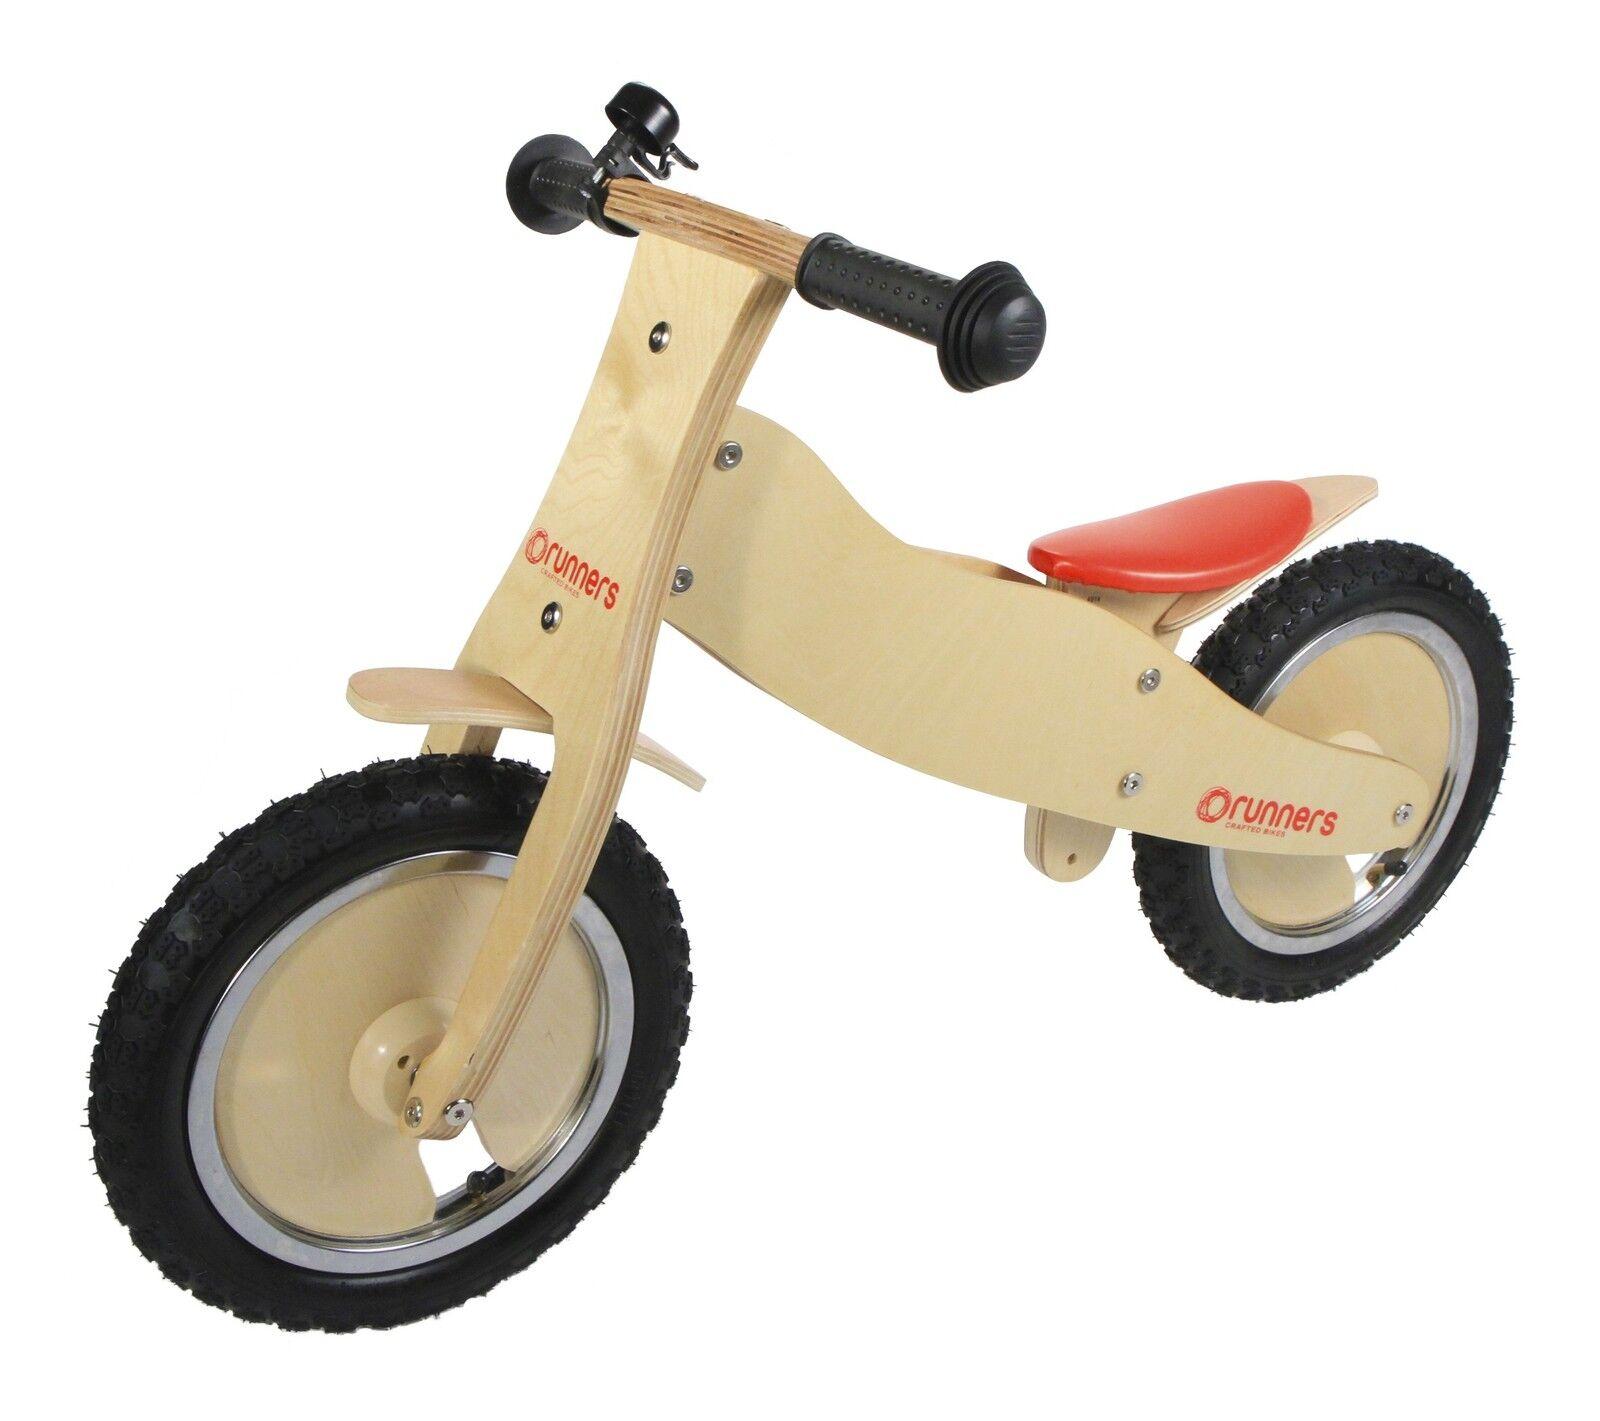 Wooden Kids Bike  Runners-Bike  (Age 2-5)